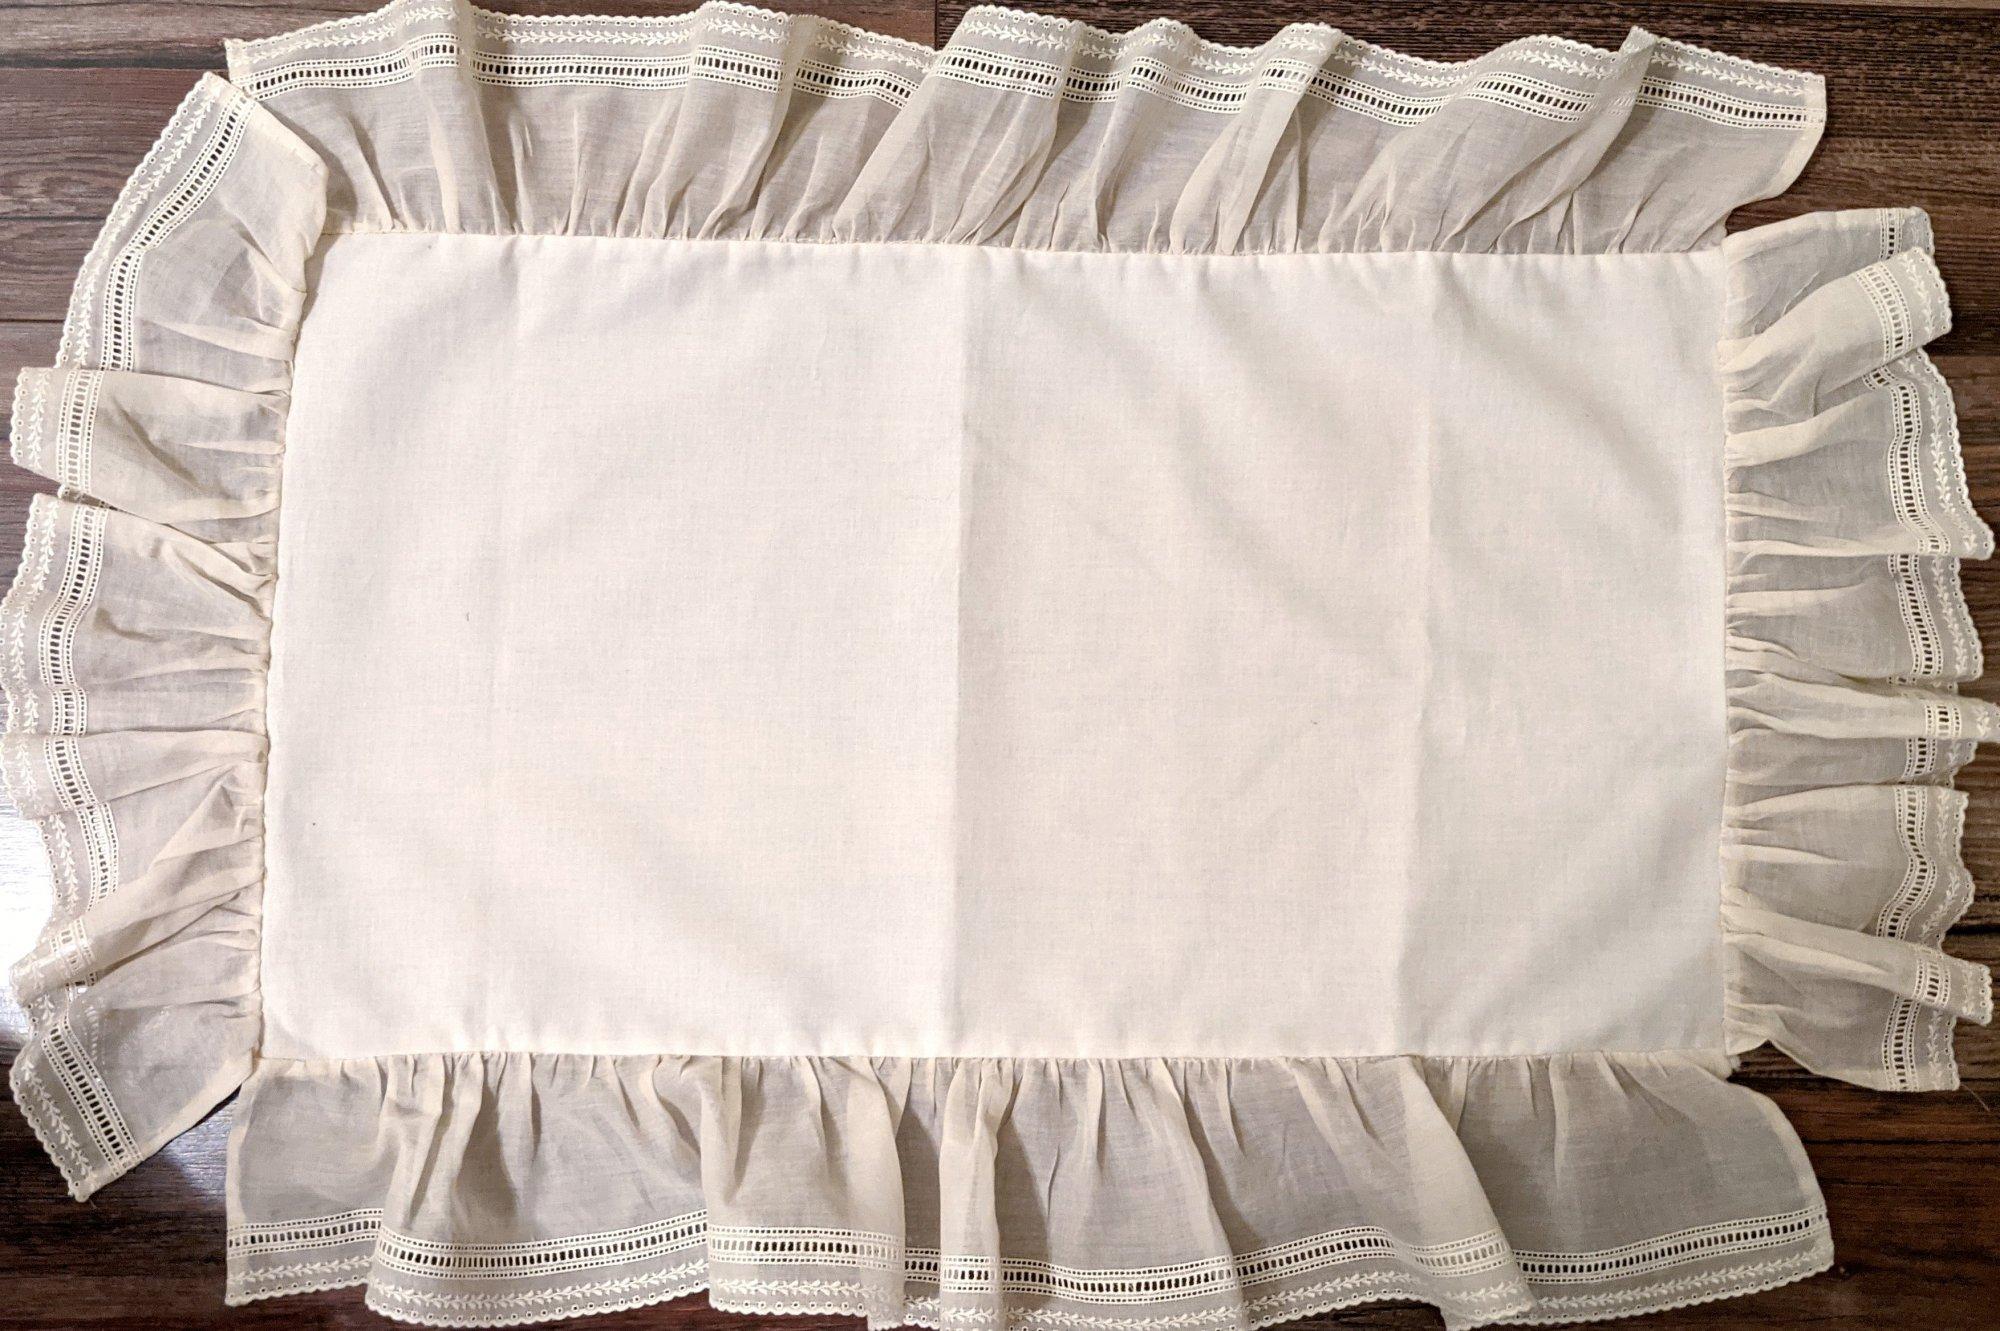 Store Sample - Batiste Baby pillow top